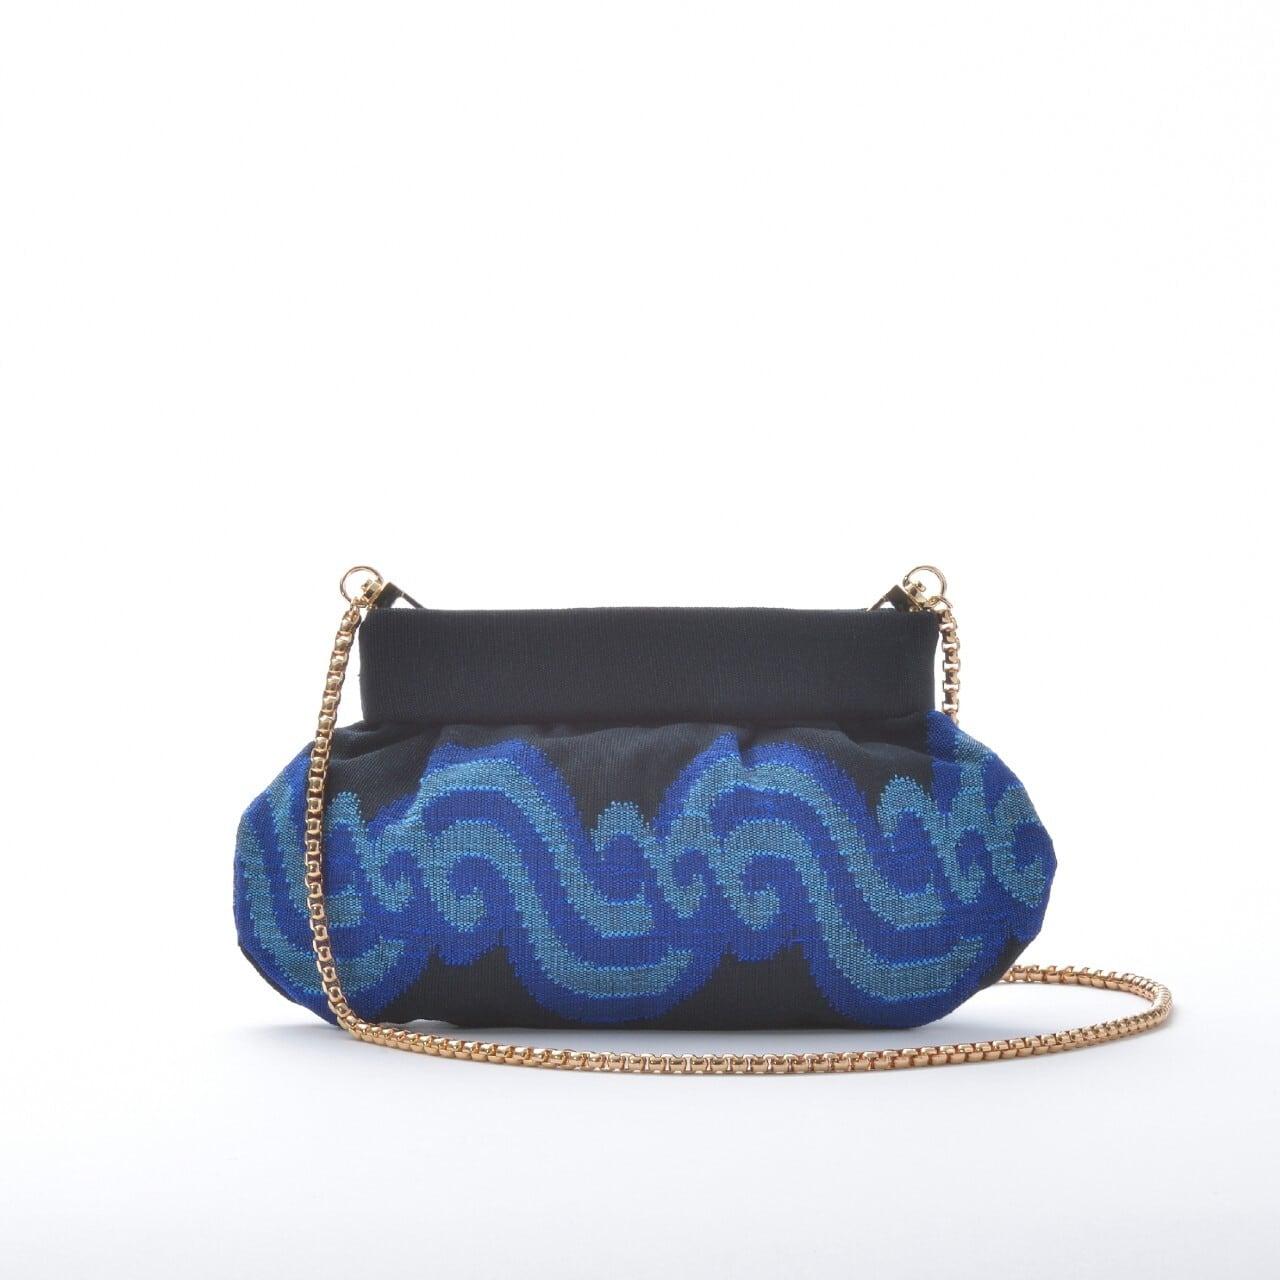 チェーン付き手織りクラッチS アチェ柄  ブラック×ブルー(新商品)